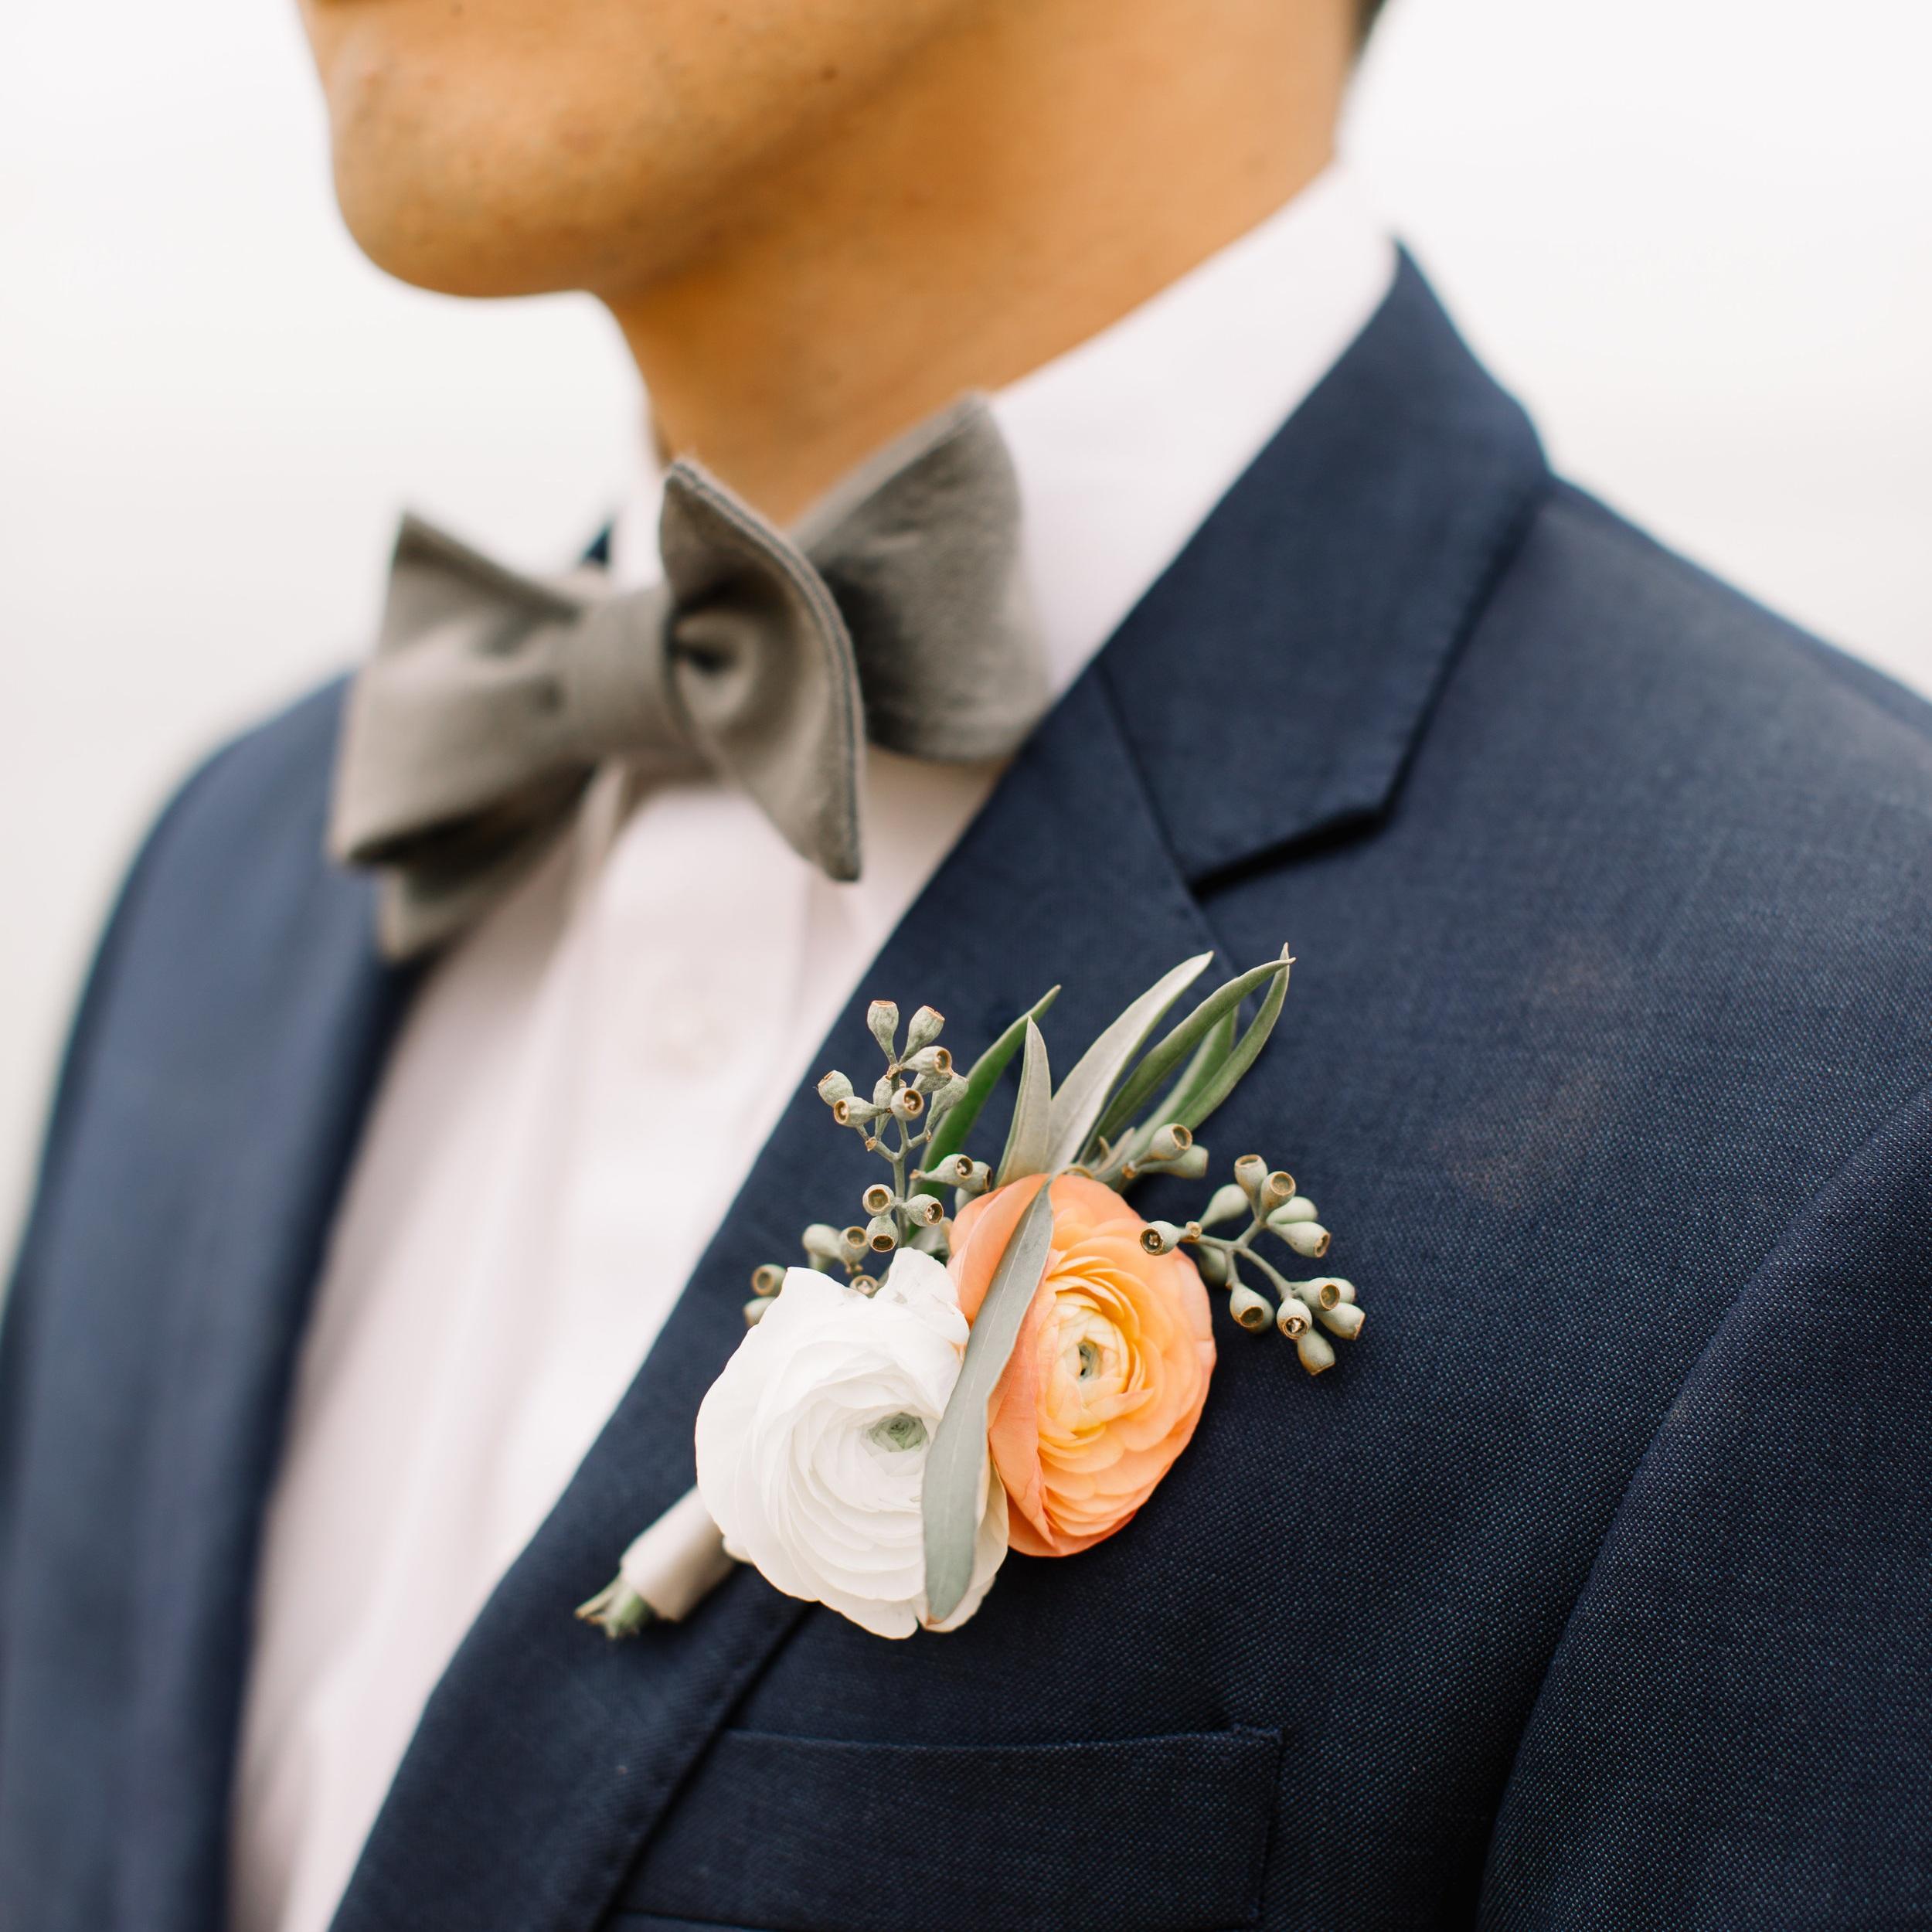 Derek & Vung - Wedding Florals - Floral Design - Ashley Hur - Hip Hip Hooray Dot Love